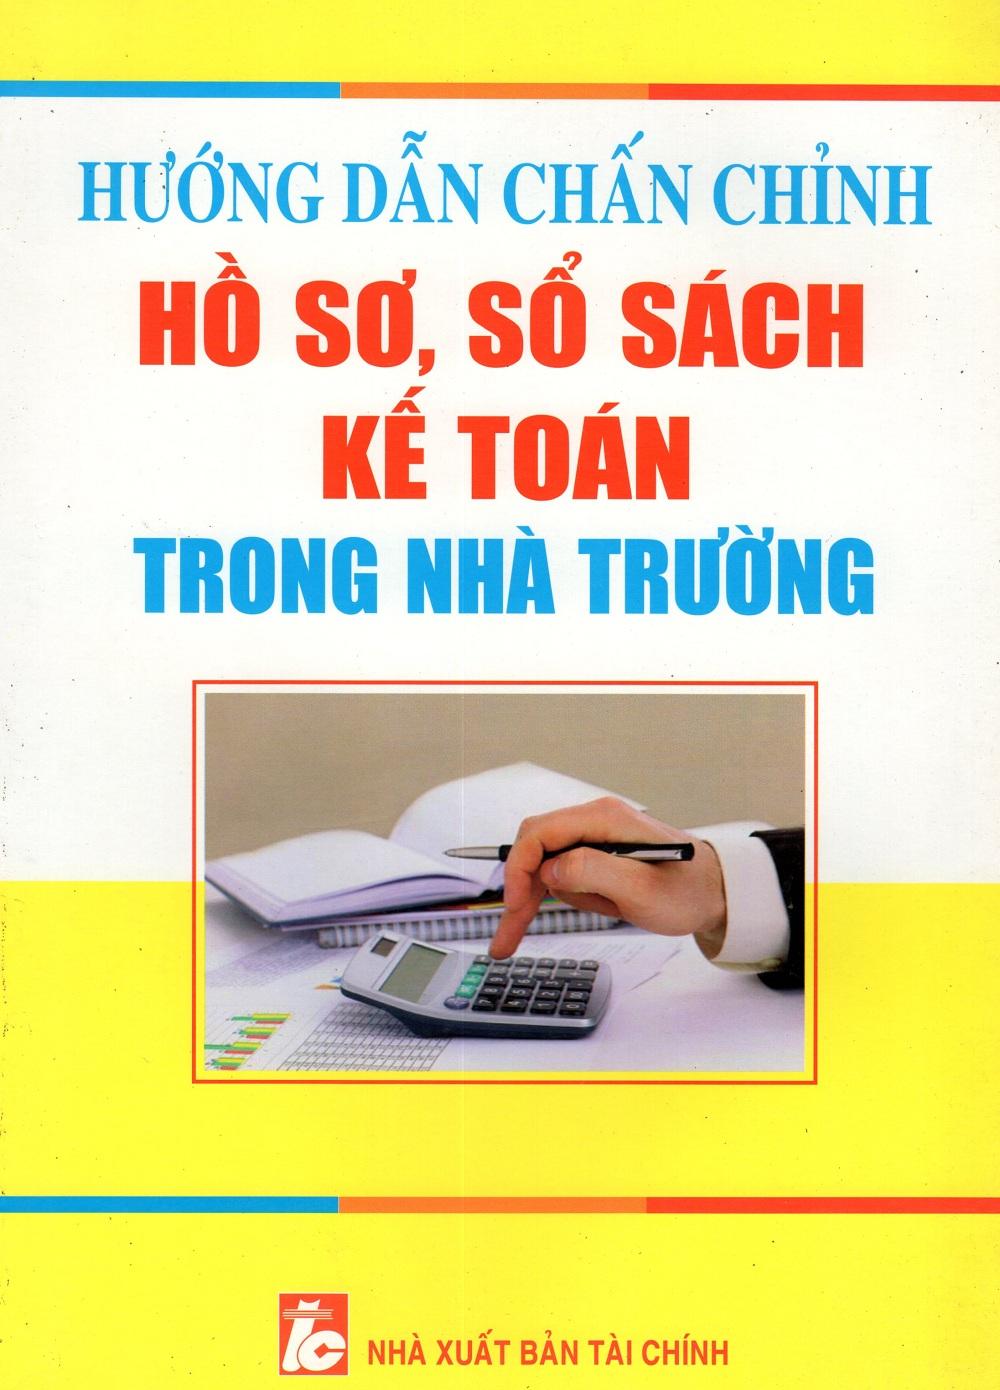 Bìa sách Hướng Dẫn Chấn Chỉnh Hồ Sơ, Sổ Sách Kế Toán Trong Nhà Trường